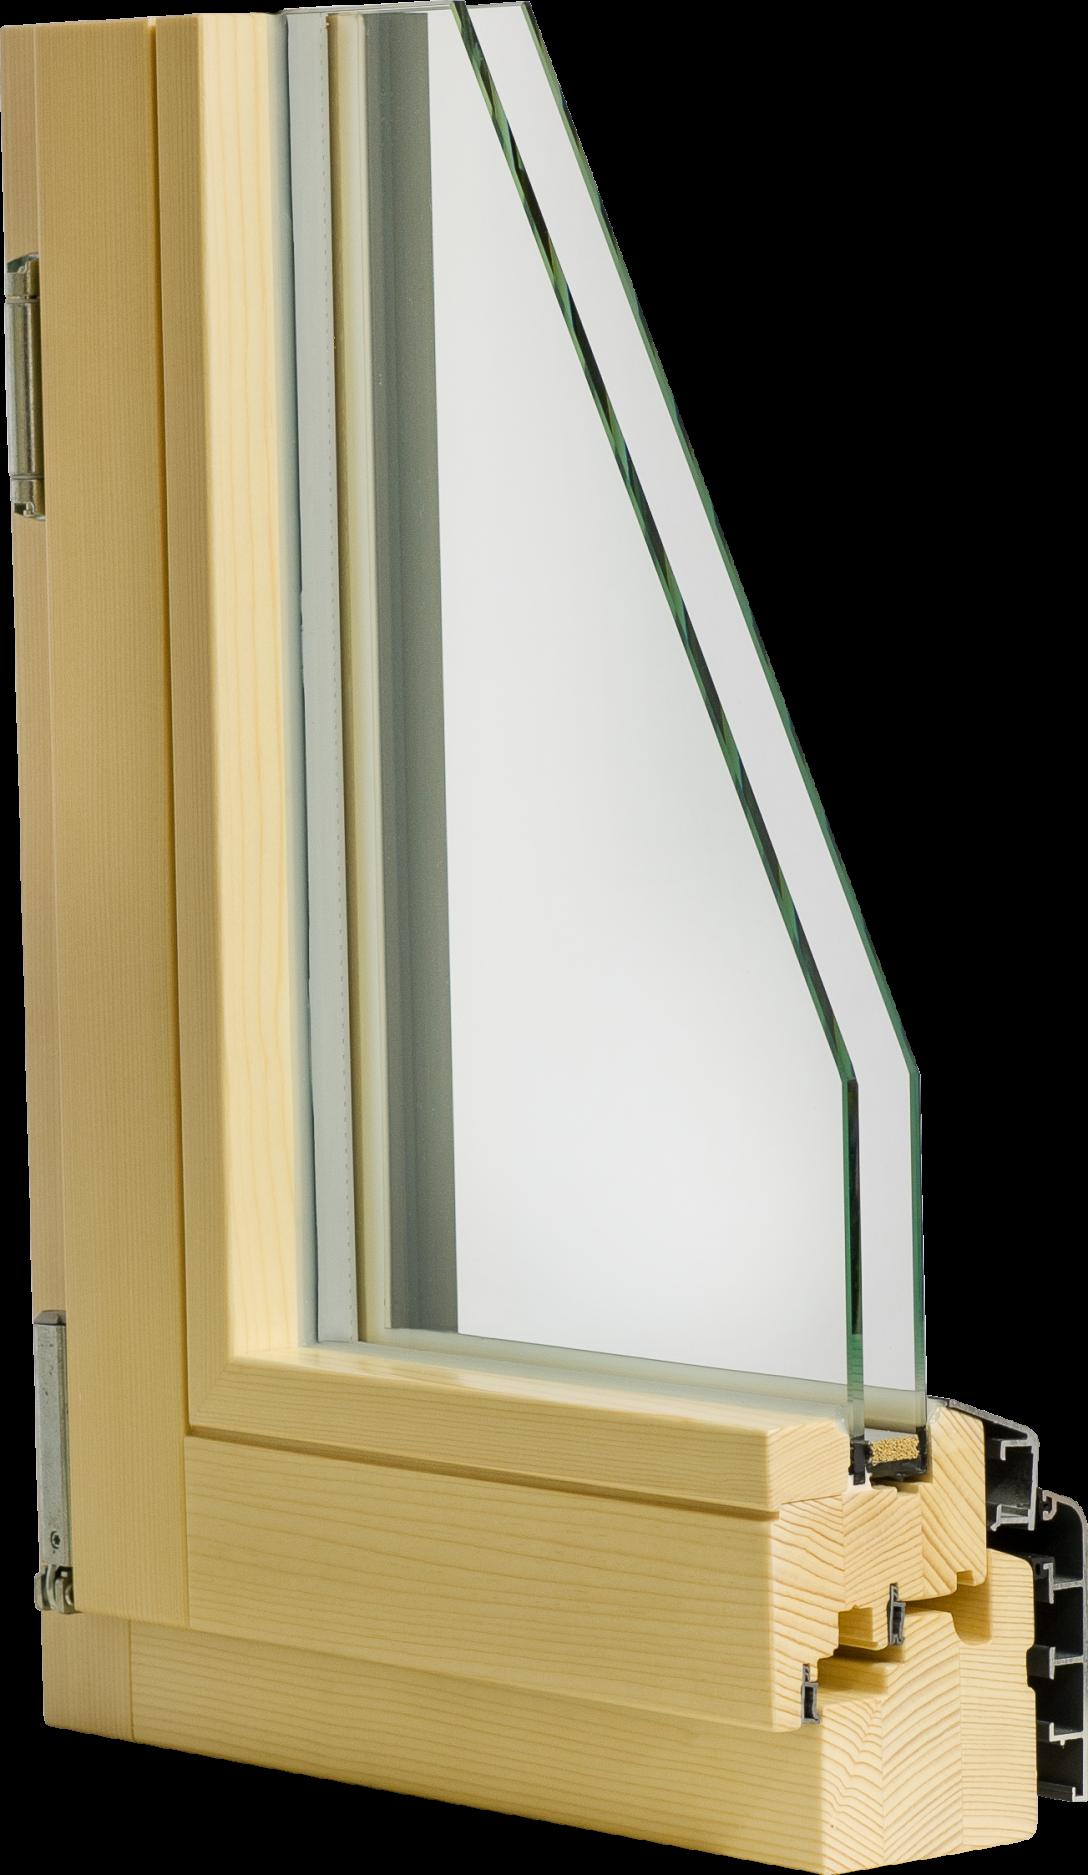 Large Size of Alu Fenster Holz Mit 2 Fach Verglasung Aufgesetzer Velux Ersatzteile Aluplast Schüco Hannover Einbruchschutz Einbauen Folie Günstig Kaufen Fenster Alu Fenster